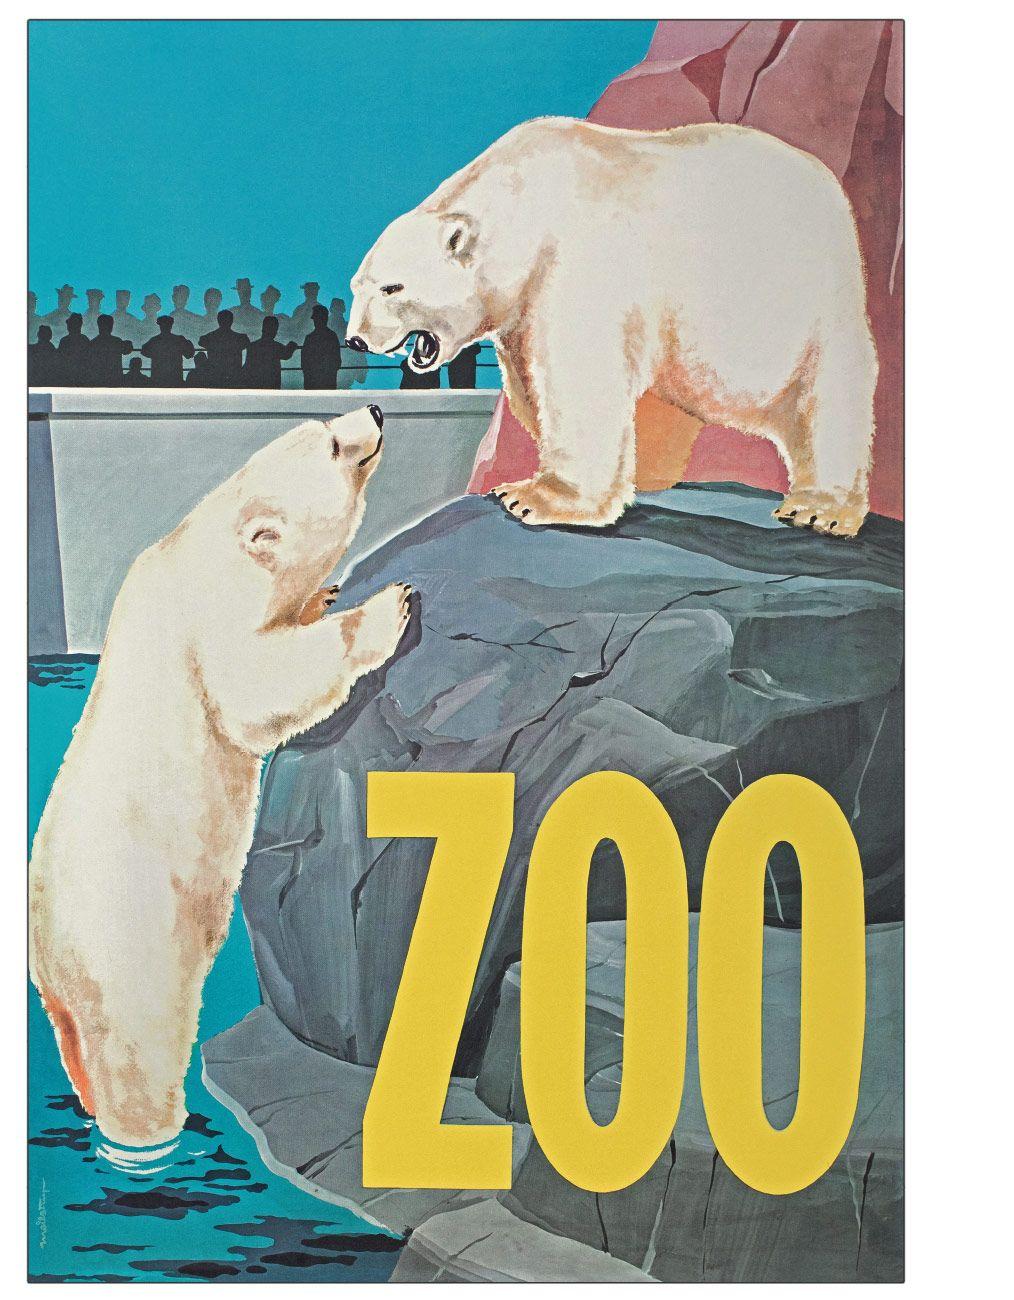 Zoo Plakat Med Isbjorn Vintage Plakater Isbjorn Plakater